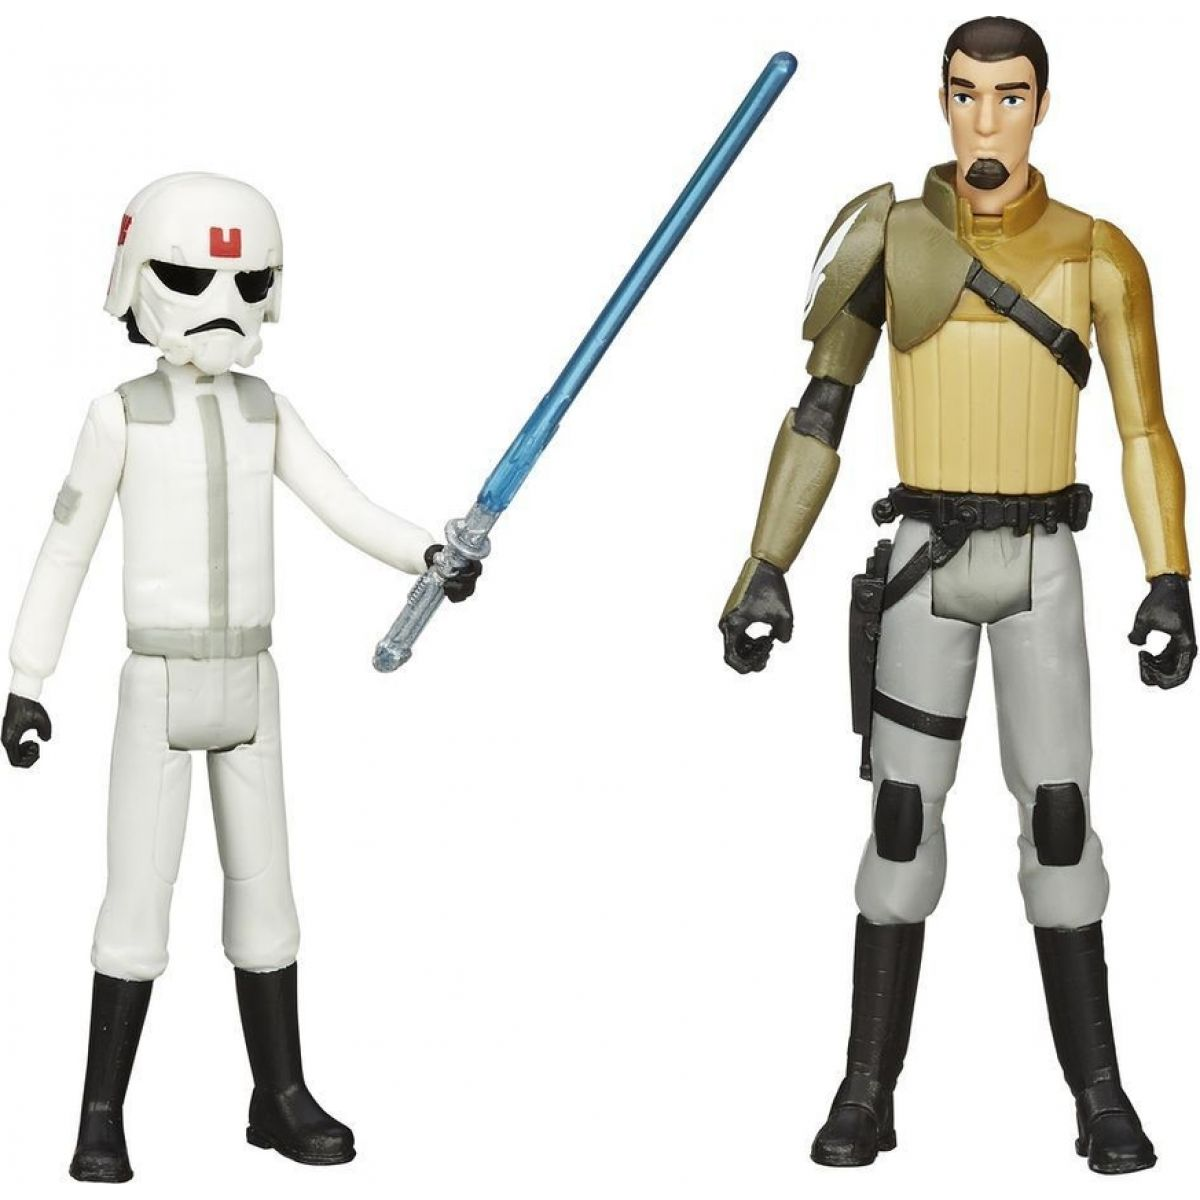 Star Wars akční figurky 2ks Hasbro A5228 - Ezra Bridger a Kanan Jarrus